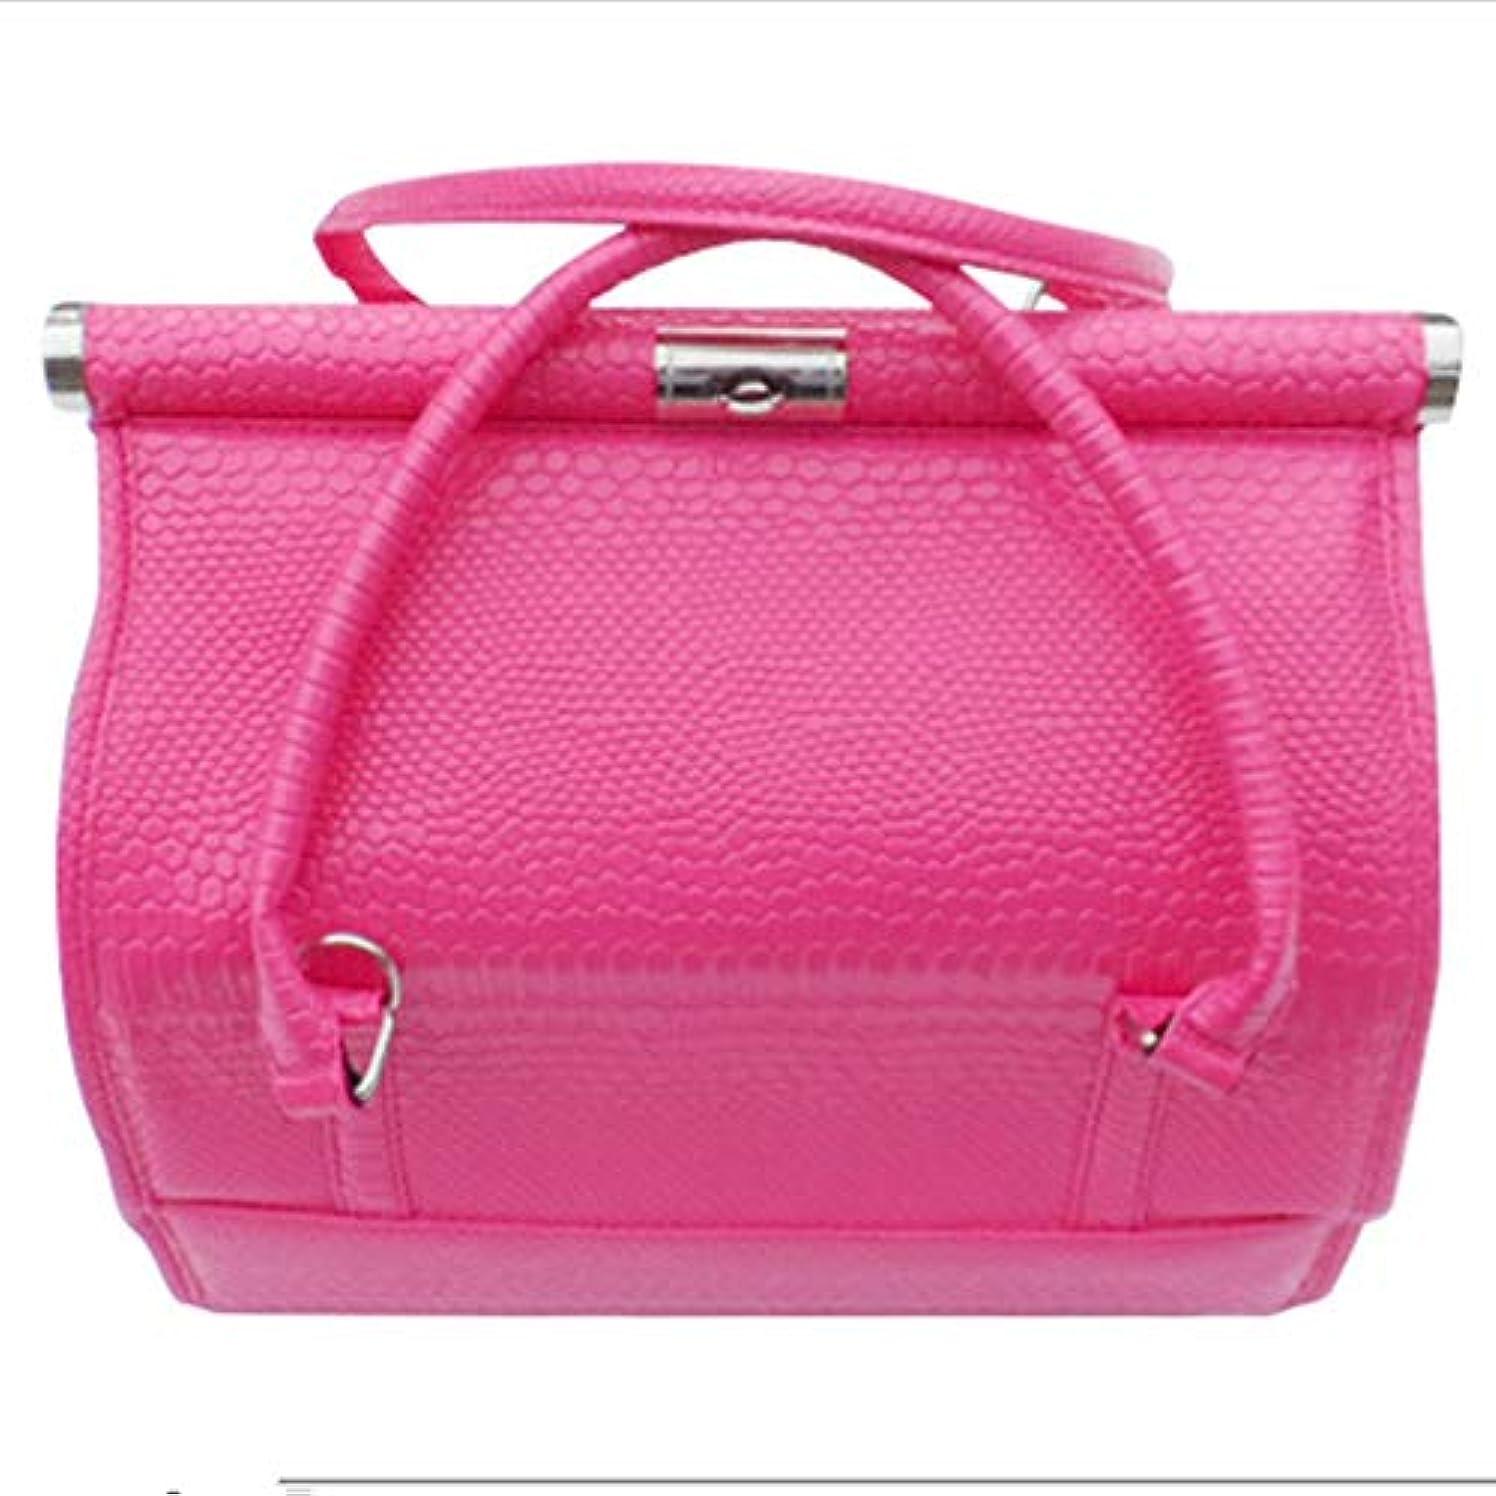 軽減舞い上がるやさしく化粧オーガナイザーバッグ 女性の女性のための美容メイクアップのためのポータブル化粧品バッグ旅行と折り畳みトレイで毎日のストレージ 化粧品ケース